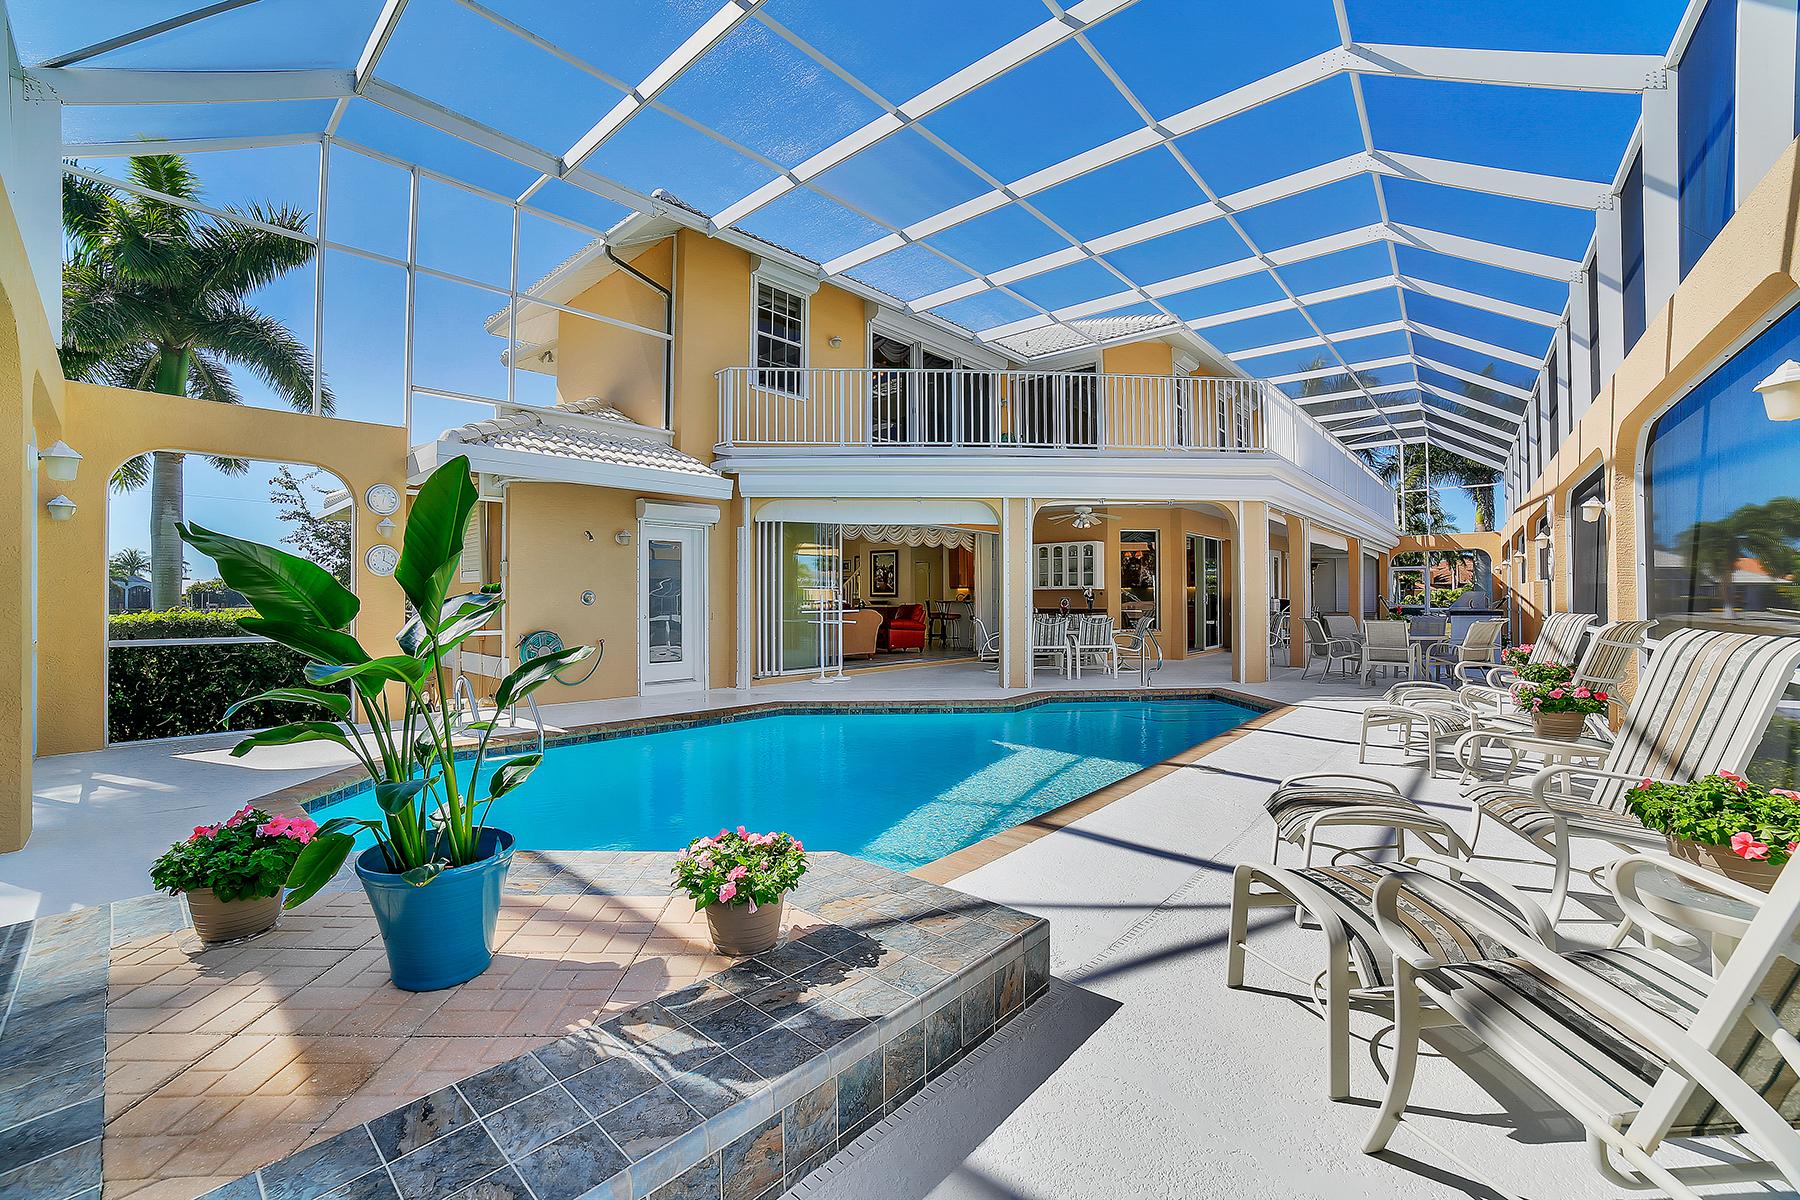 一戸建て のために 売買 アット MARCO ISLAND 227 Edgewater Ct Marco Island, フロリダ, 34145 アメリカ合衆国